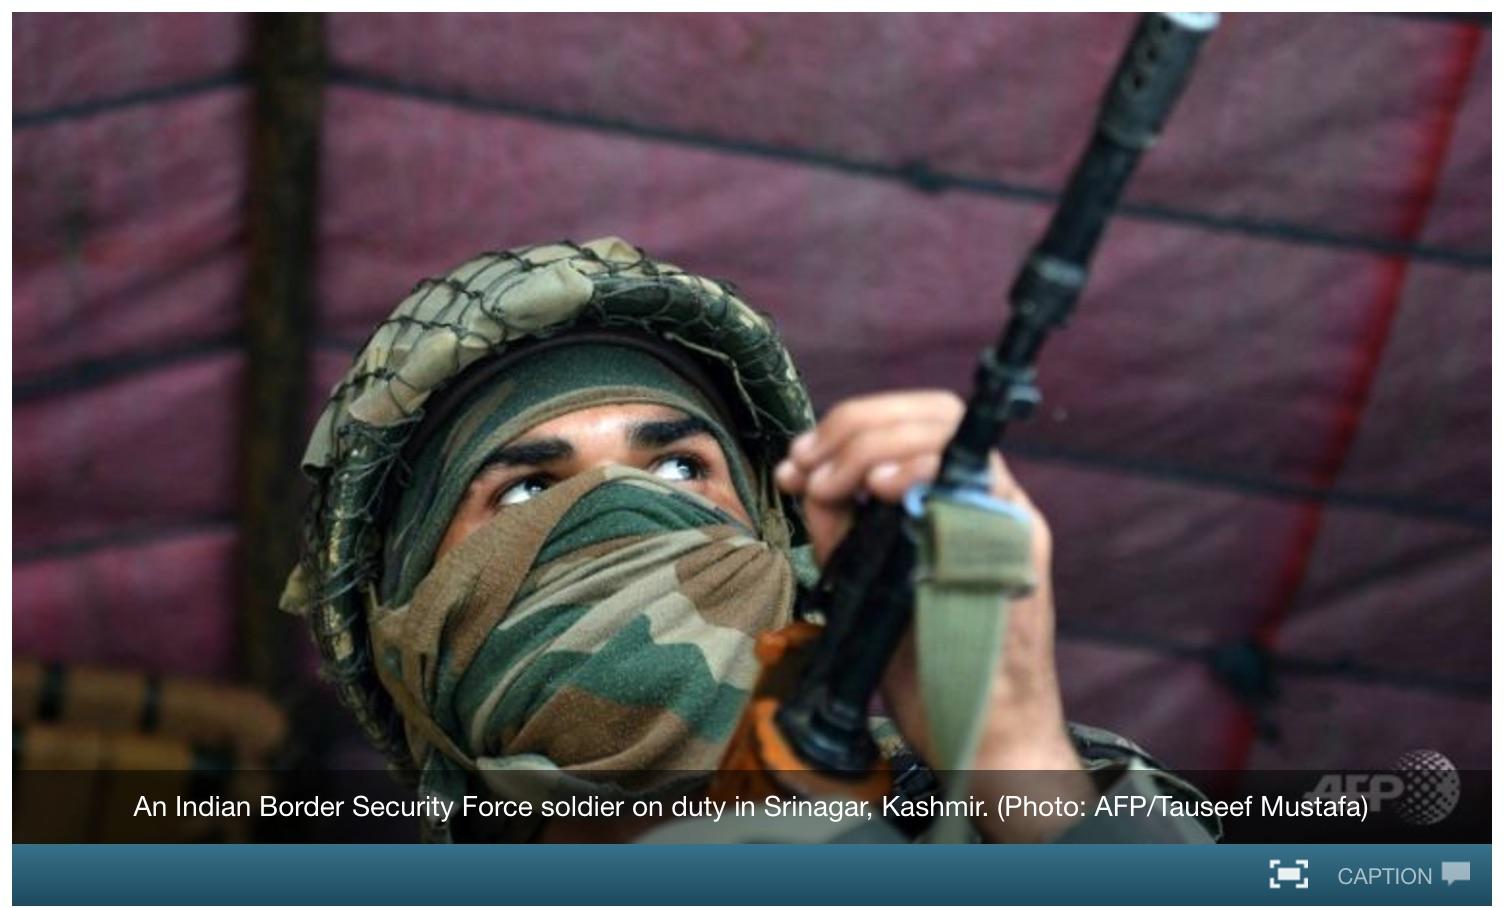 Trois jours après l'attaque meurtrière à la base militaire indienne d'Uri, l'accord de cessez-le-feu aurait été violé dans la zone. Copie d'écran de Channel News Asia, le 21 septembre 2016.